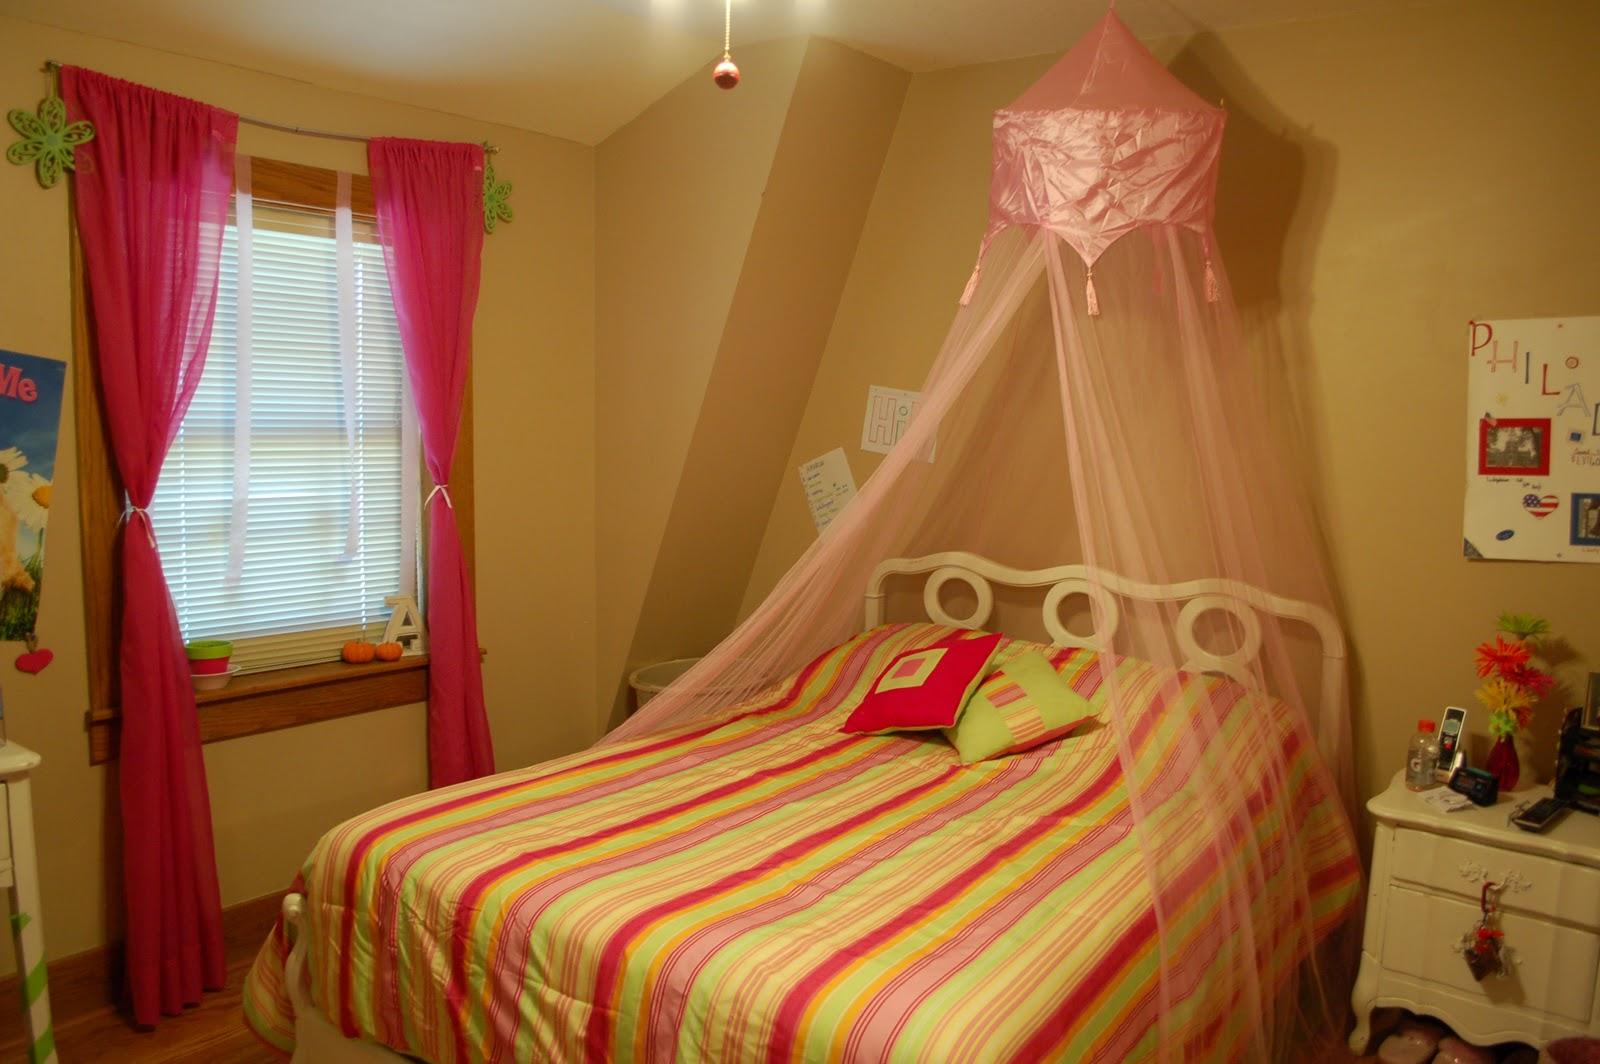 berry homespun primitives amariah 39 s hot pink lime green bedroom part 2. Black Bedroom Furniture Sets. Home Design Ideas